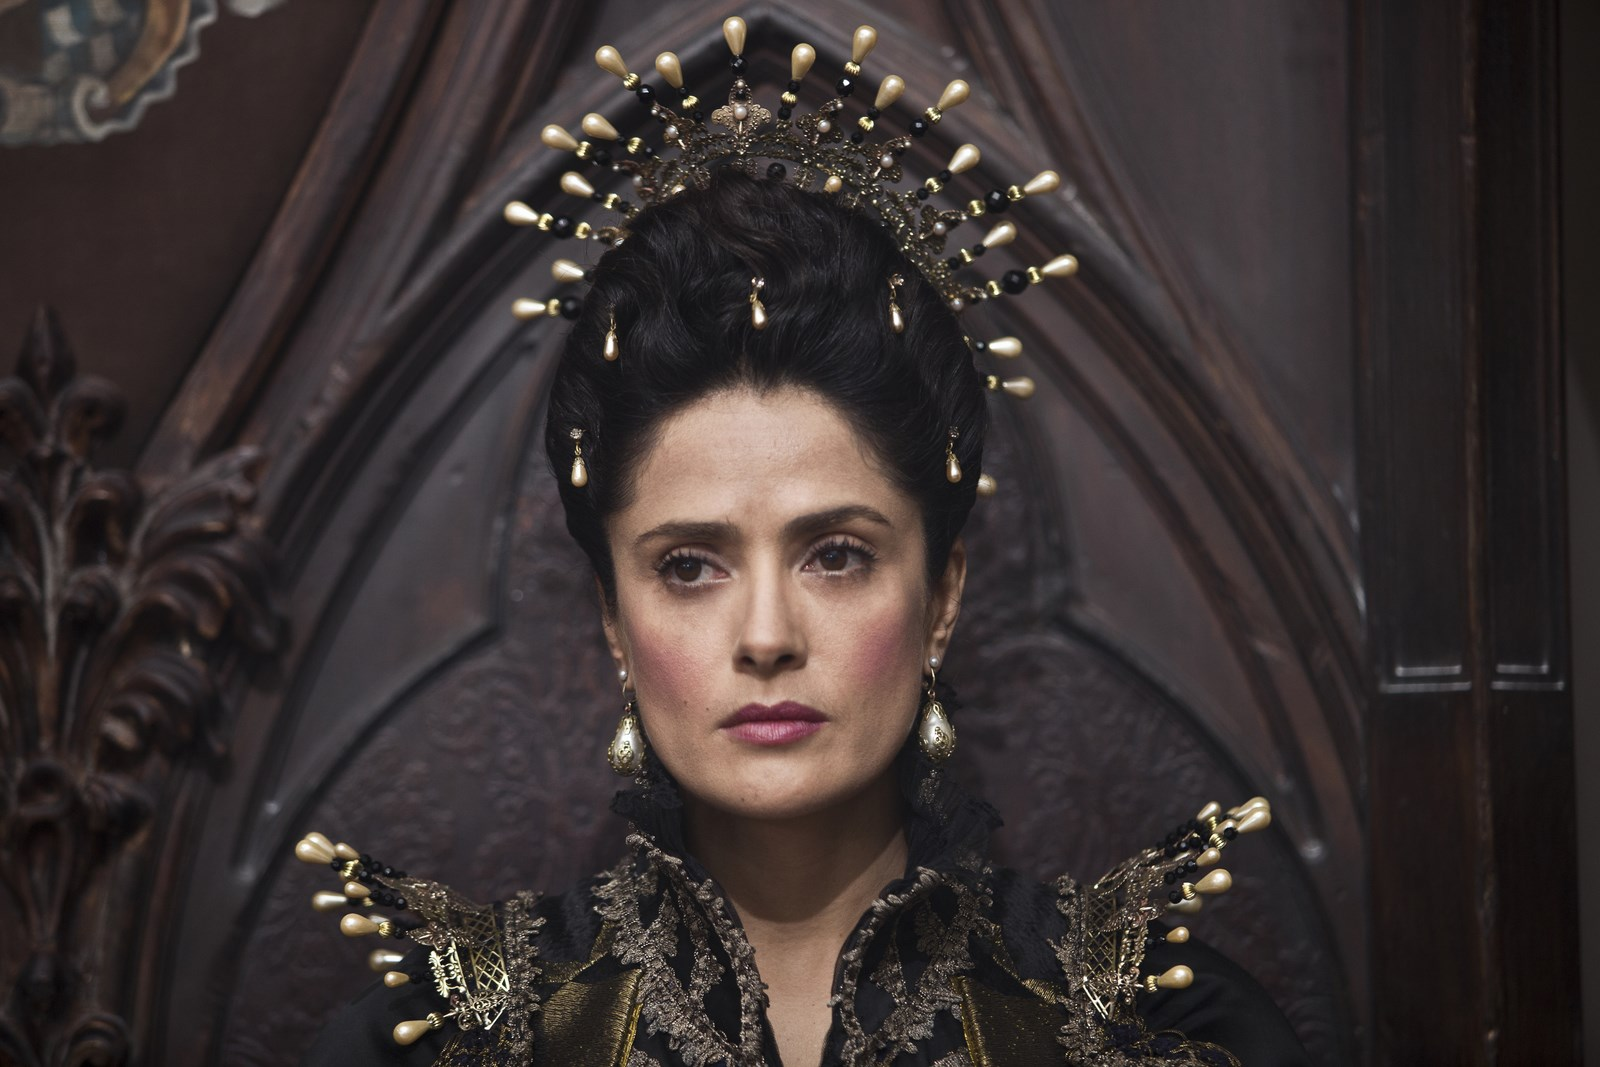 Salma Hayek as Queen of Longtrellis in Tale of Tales.